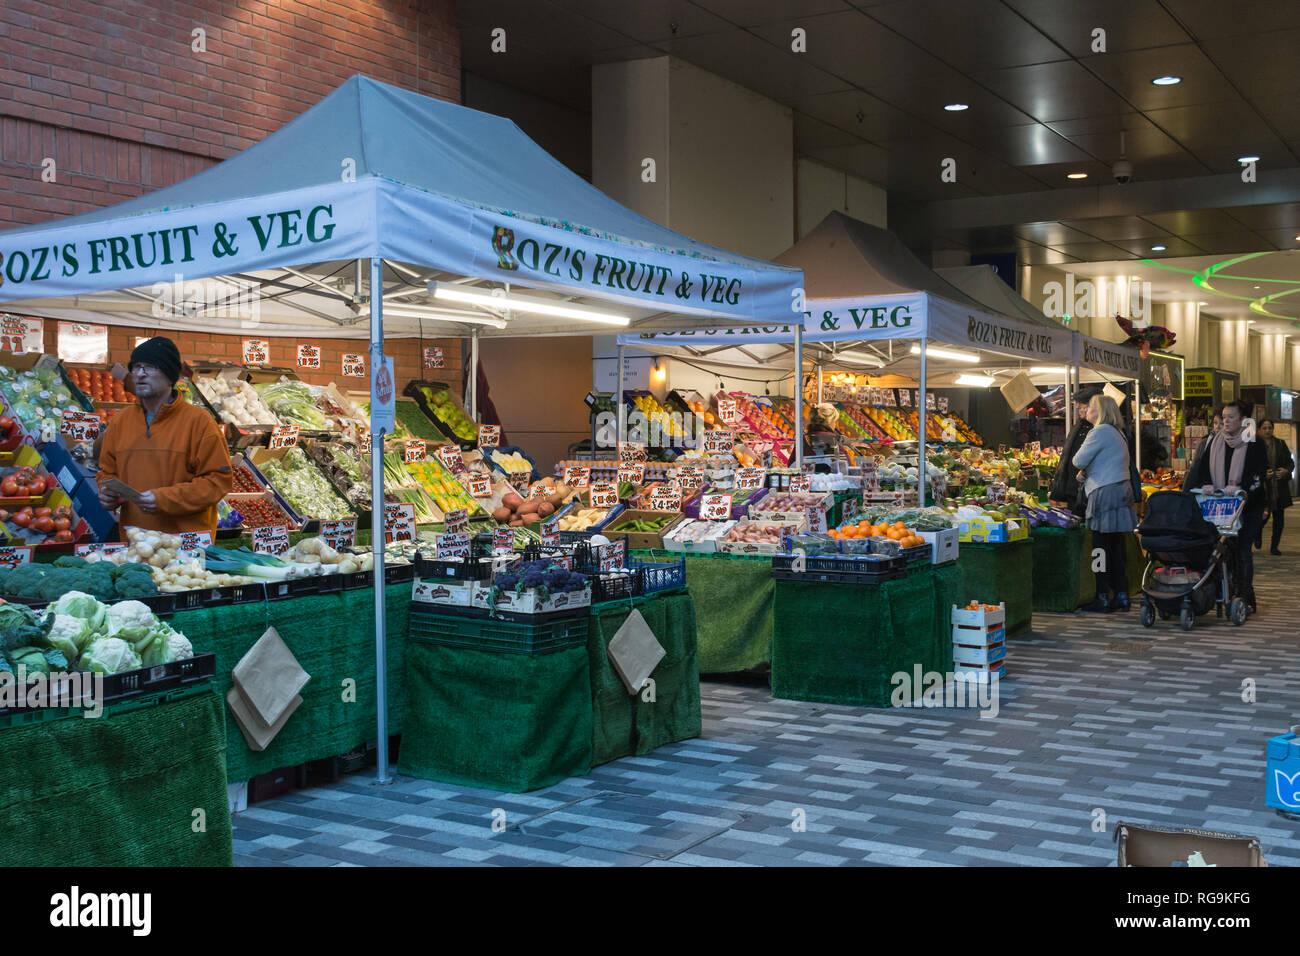 Mercato di frutta e verdura bancarelle del mercato a piedi a Woking Town Center, Surrey, Regno Unito, con la gente a fare shopping. La vita di tutti i giorni. Immagini Stock